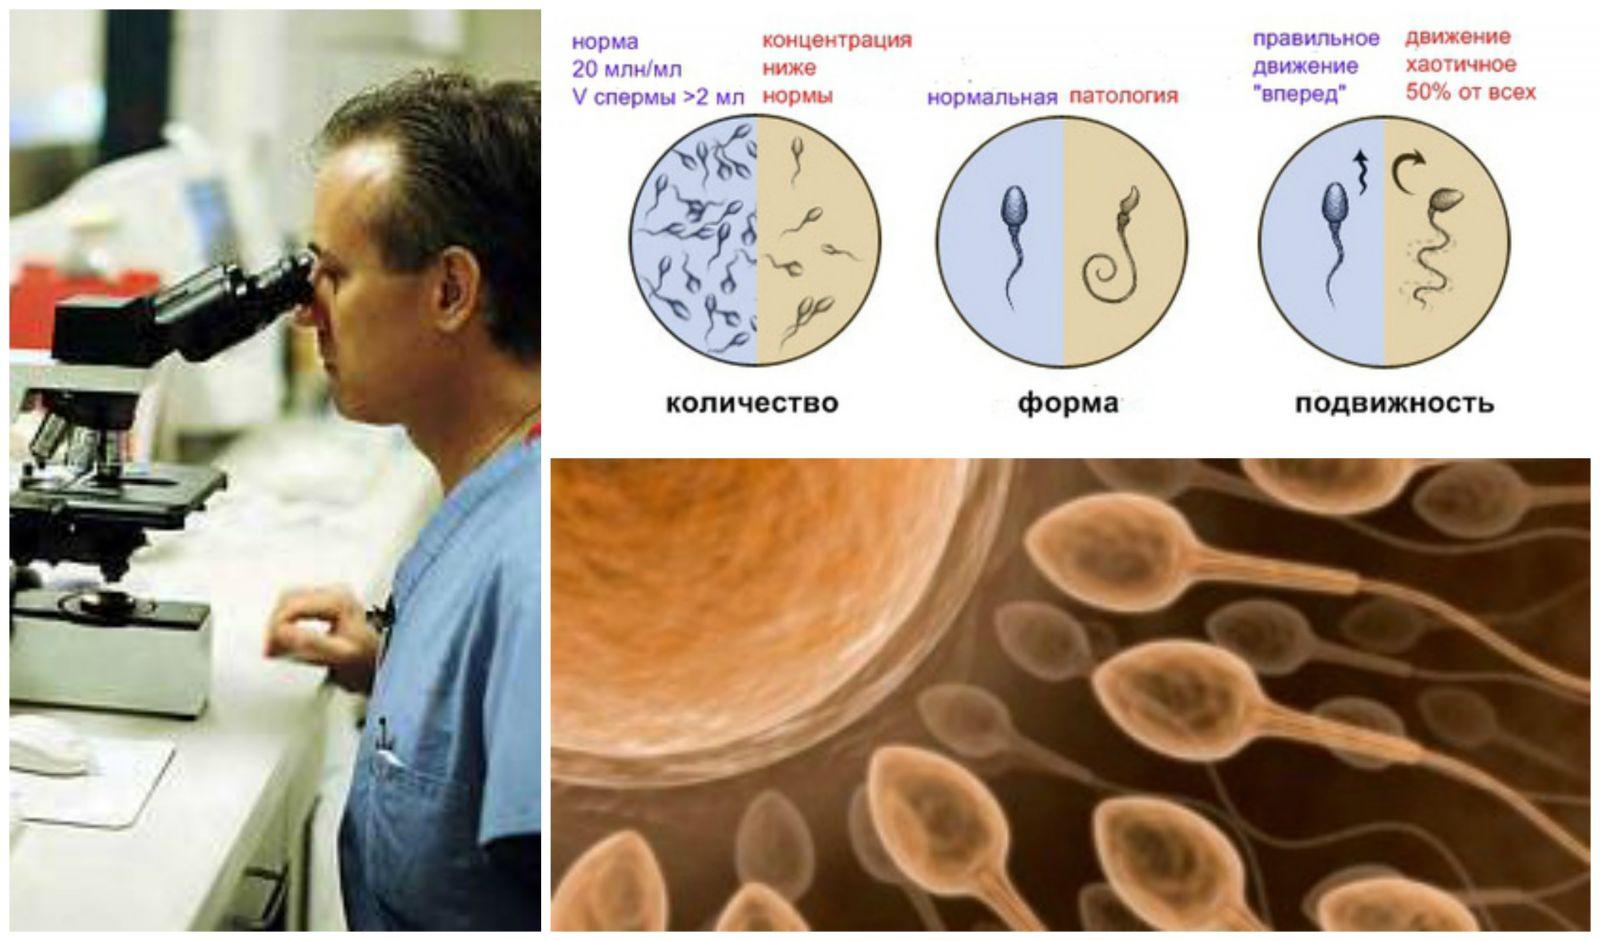 norma-kolichestva-spermi